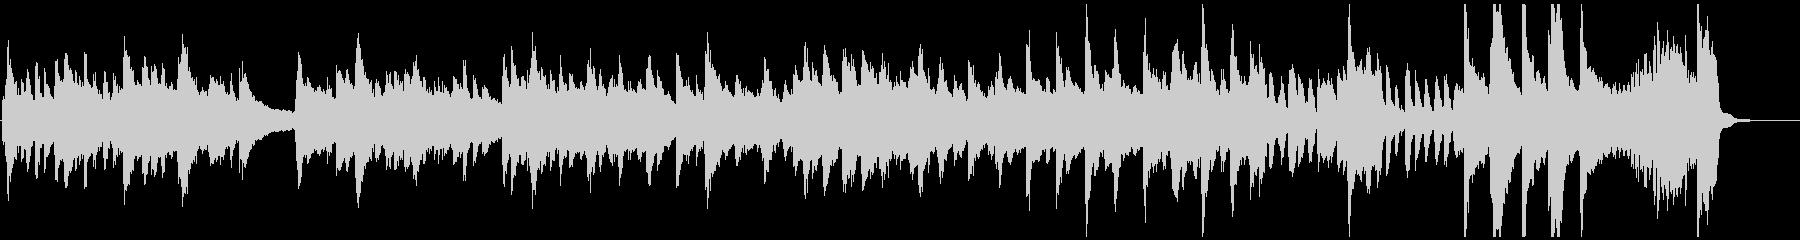 ディズニー風ワルツ_ピアノ編の未再生の波形